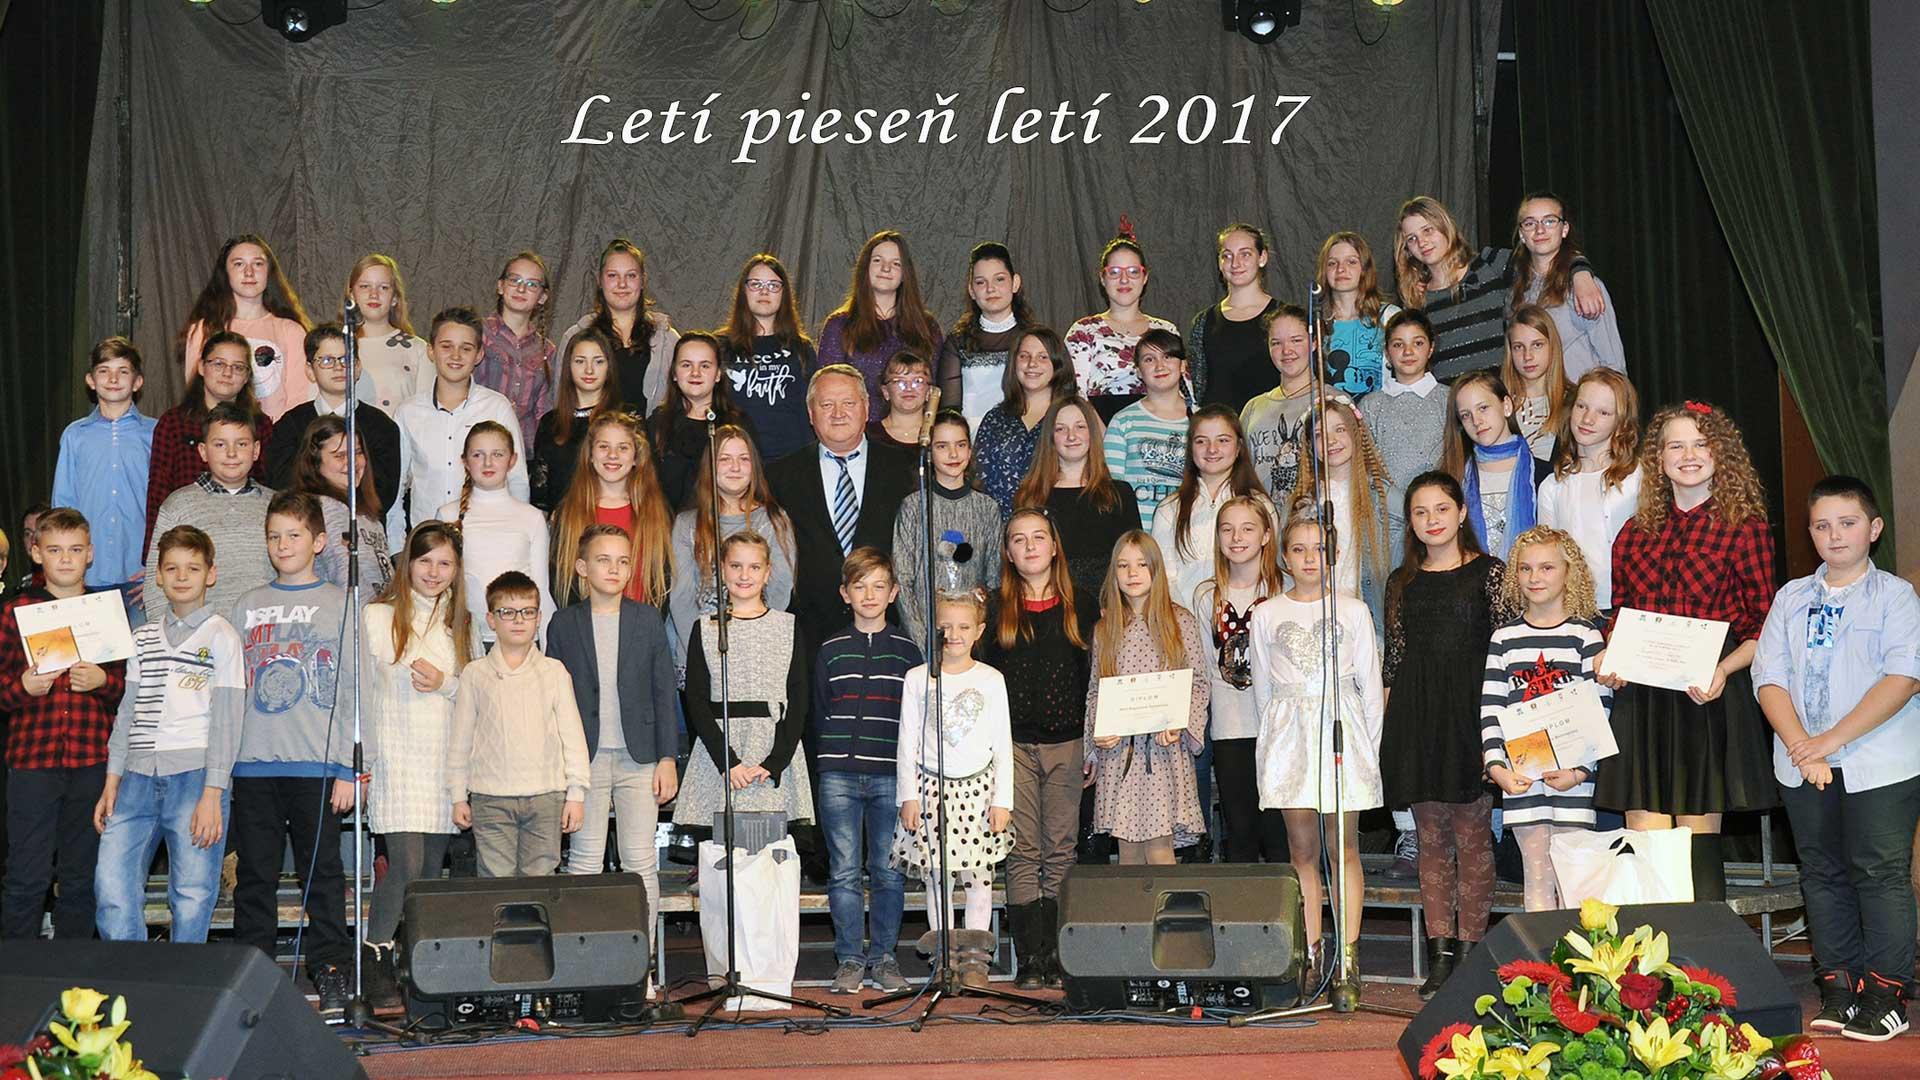 Zbor ZŠ Mladých pokolení Kovačica – Letí pieseň, letí 2017